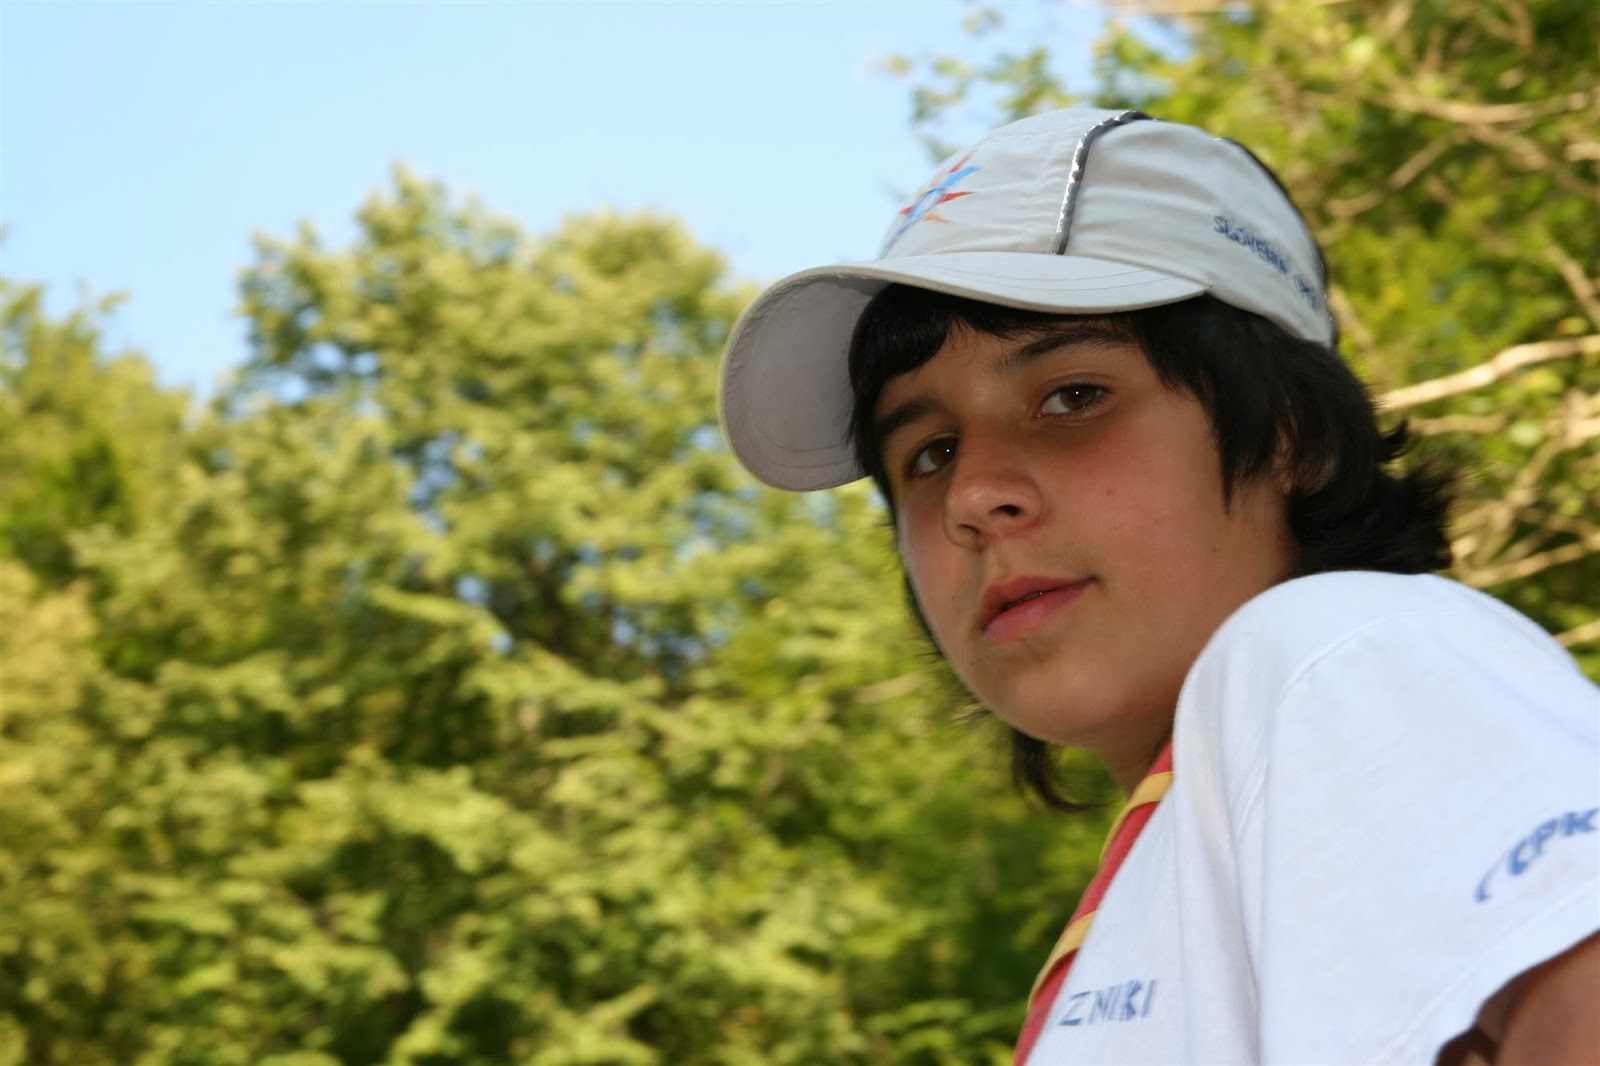 Taborjenje, Nadiža 2007 - IMG_1207.jpg